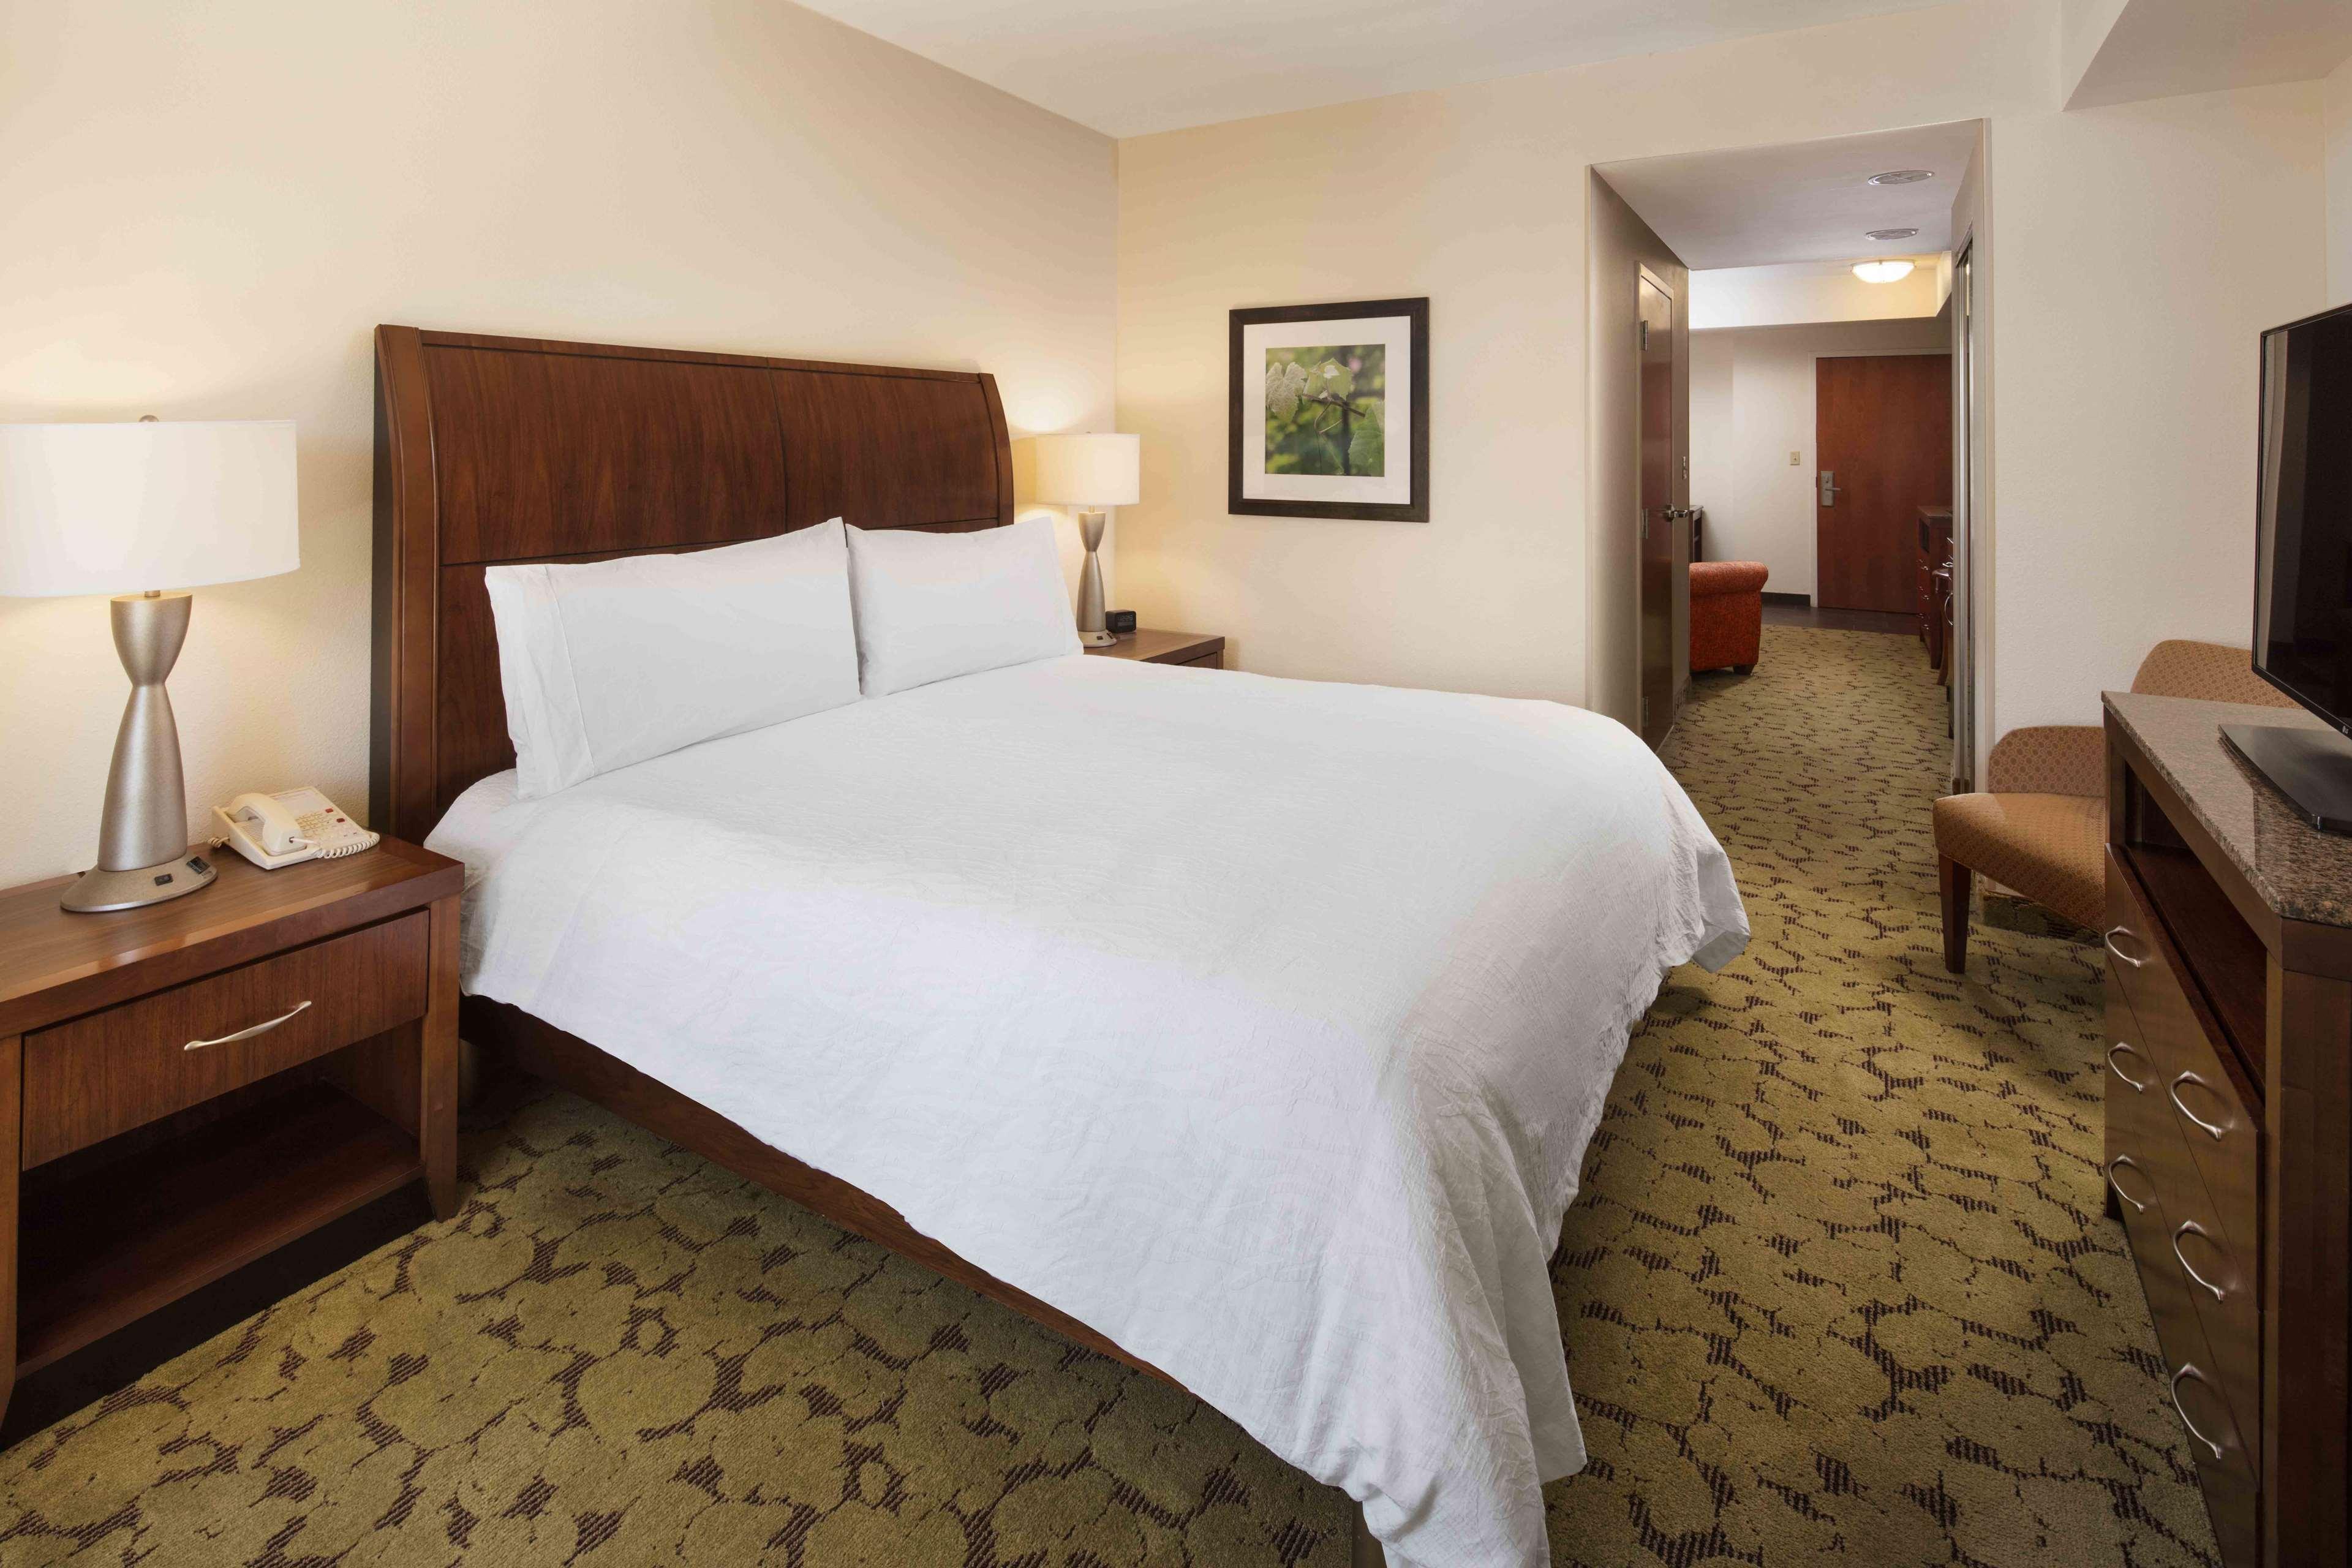 Hilton Garden Inn Boca Raton image 28